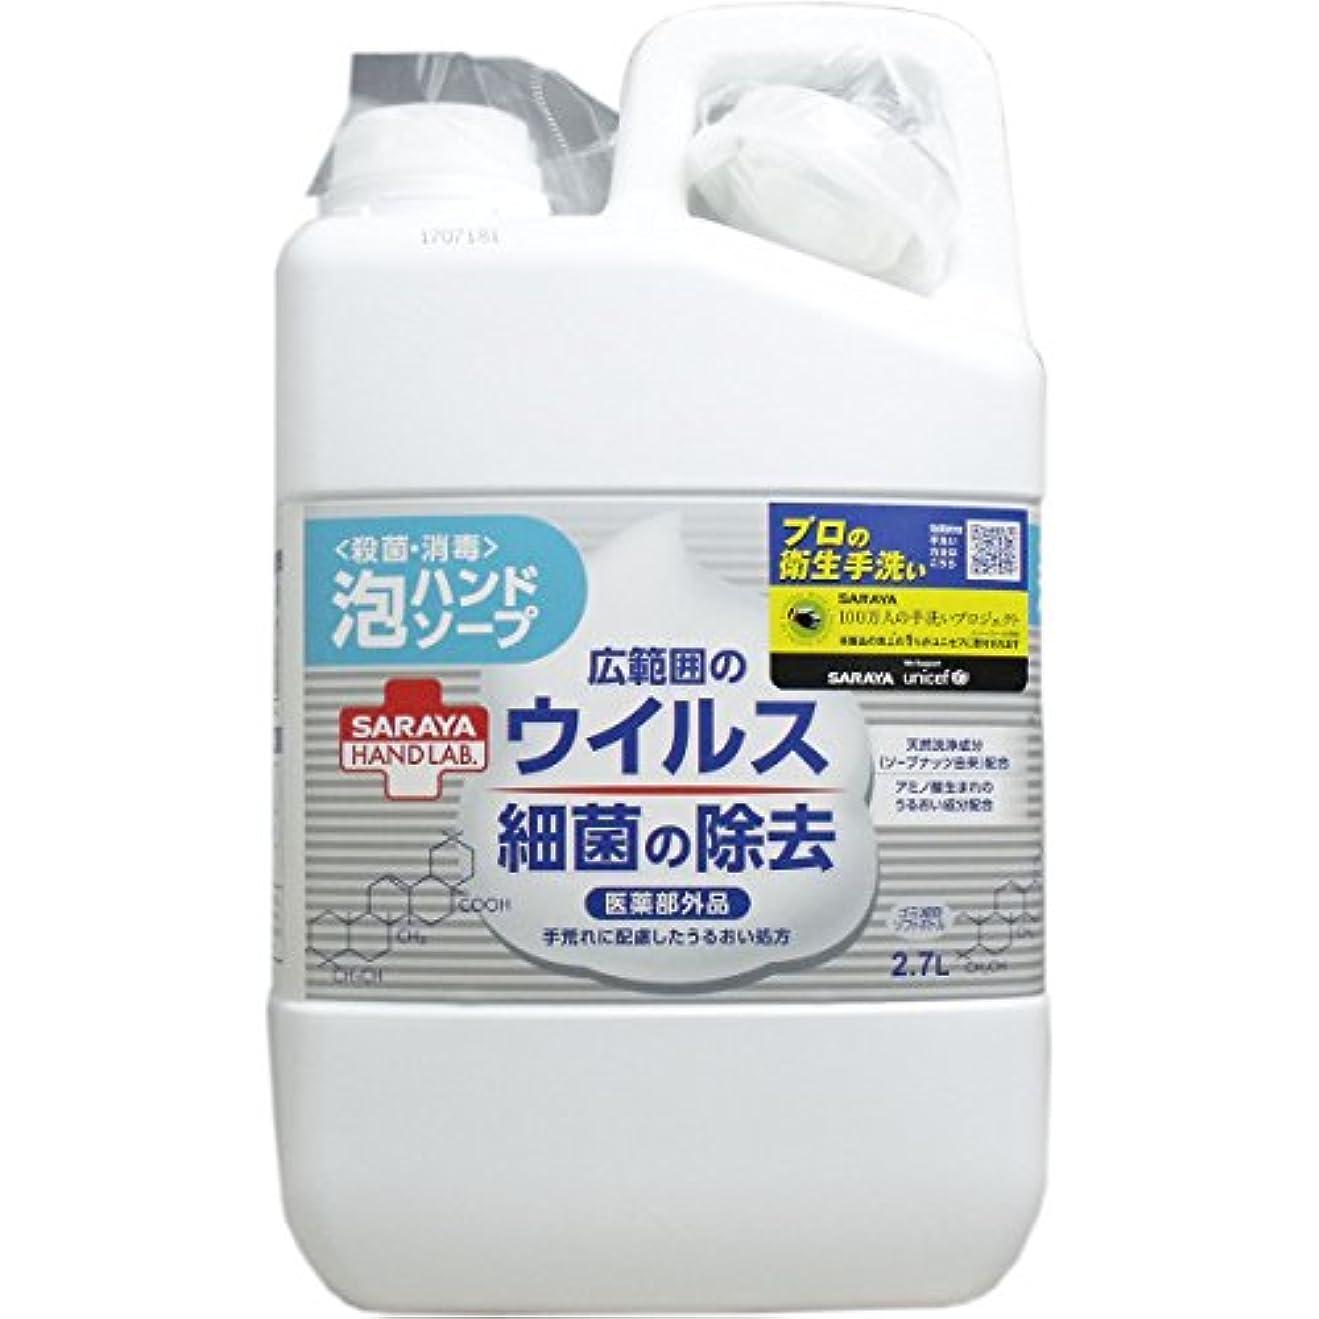 何故なのカエルニッケルハンドラボ 薬用泡ハンドソープ 詰替用 2.7L